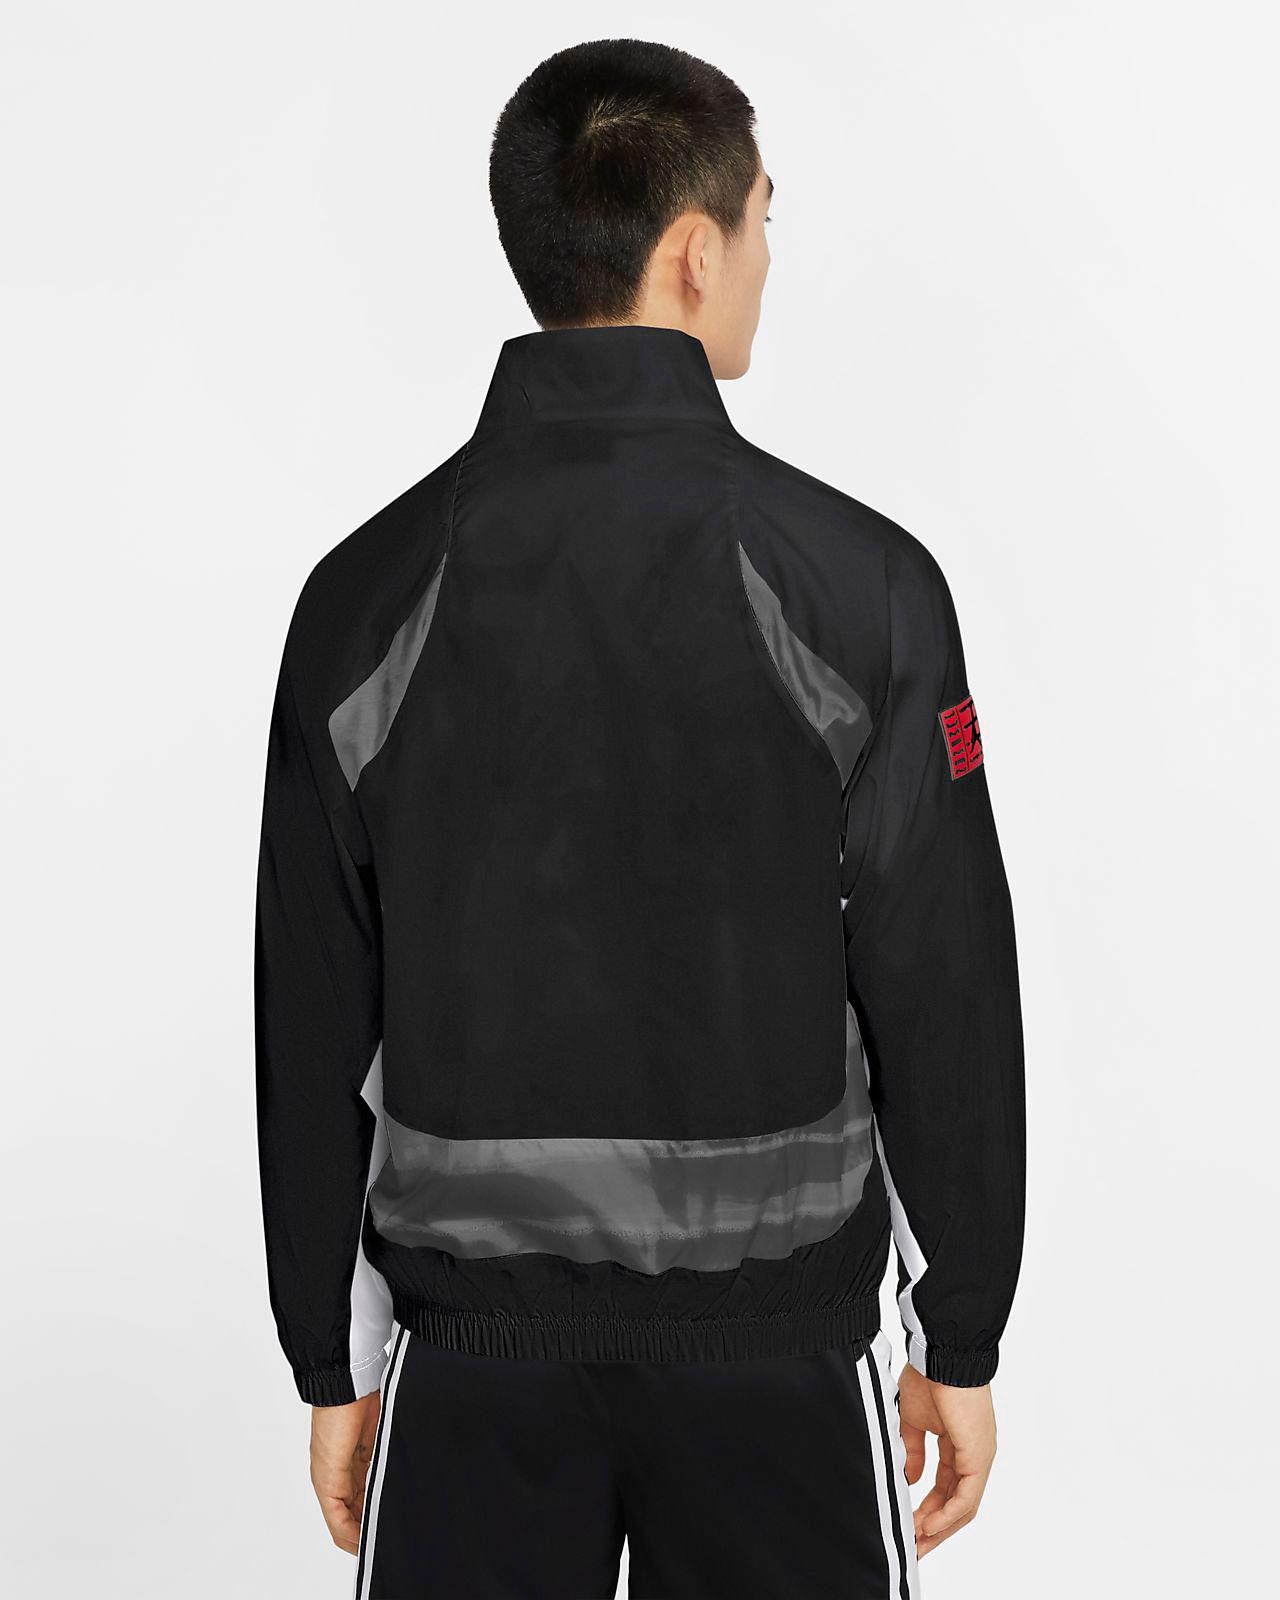 air-jordan-11-low-ie-black-cement-jacket-match-2